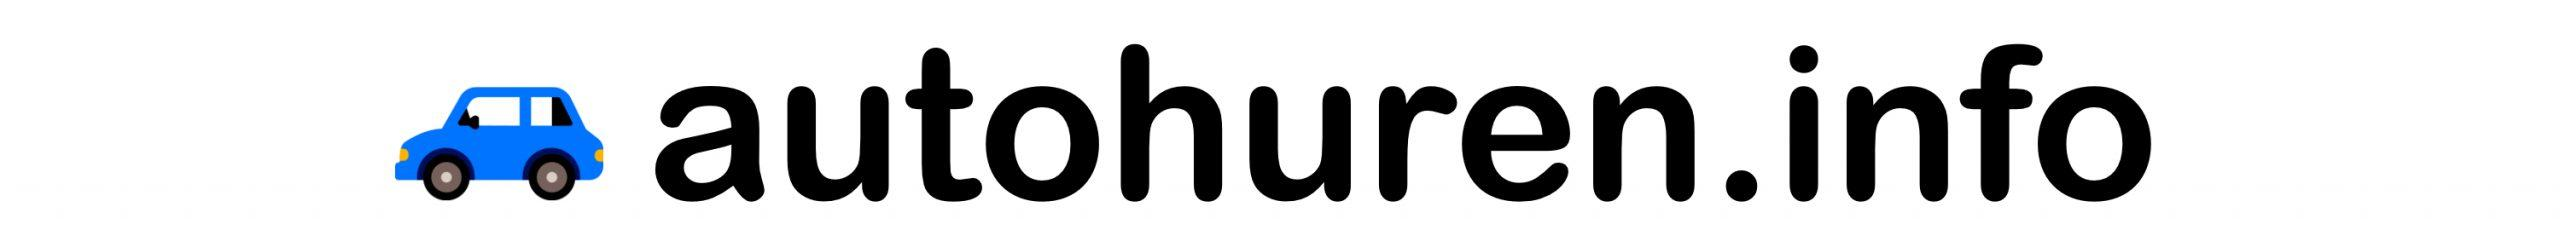 Autohuren.info Logo